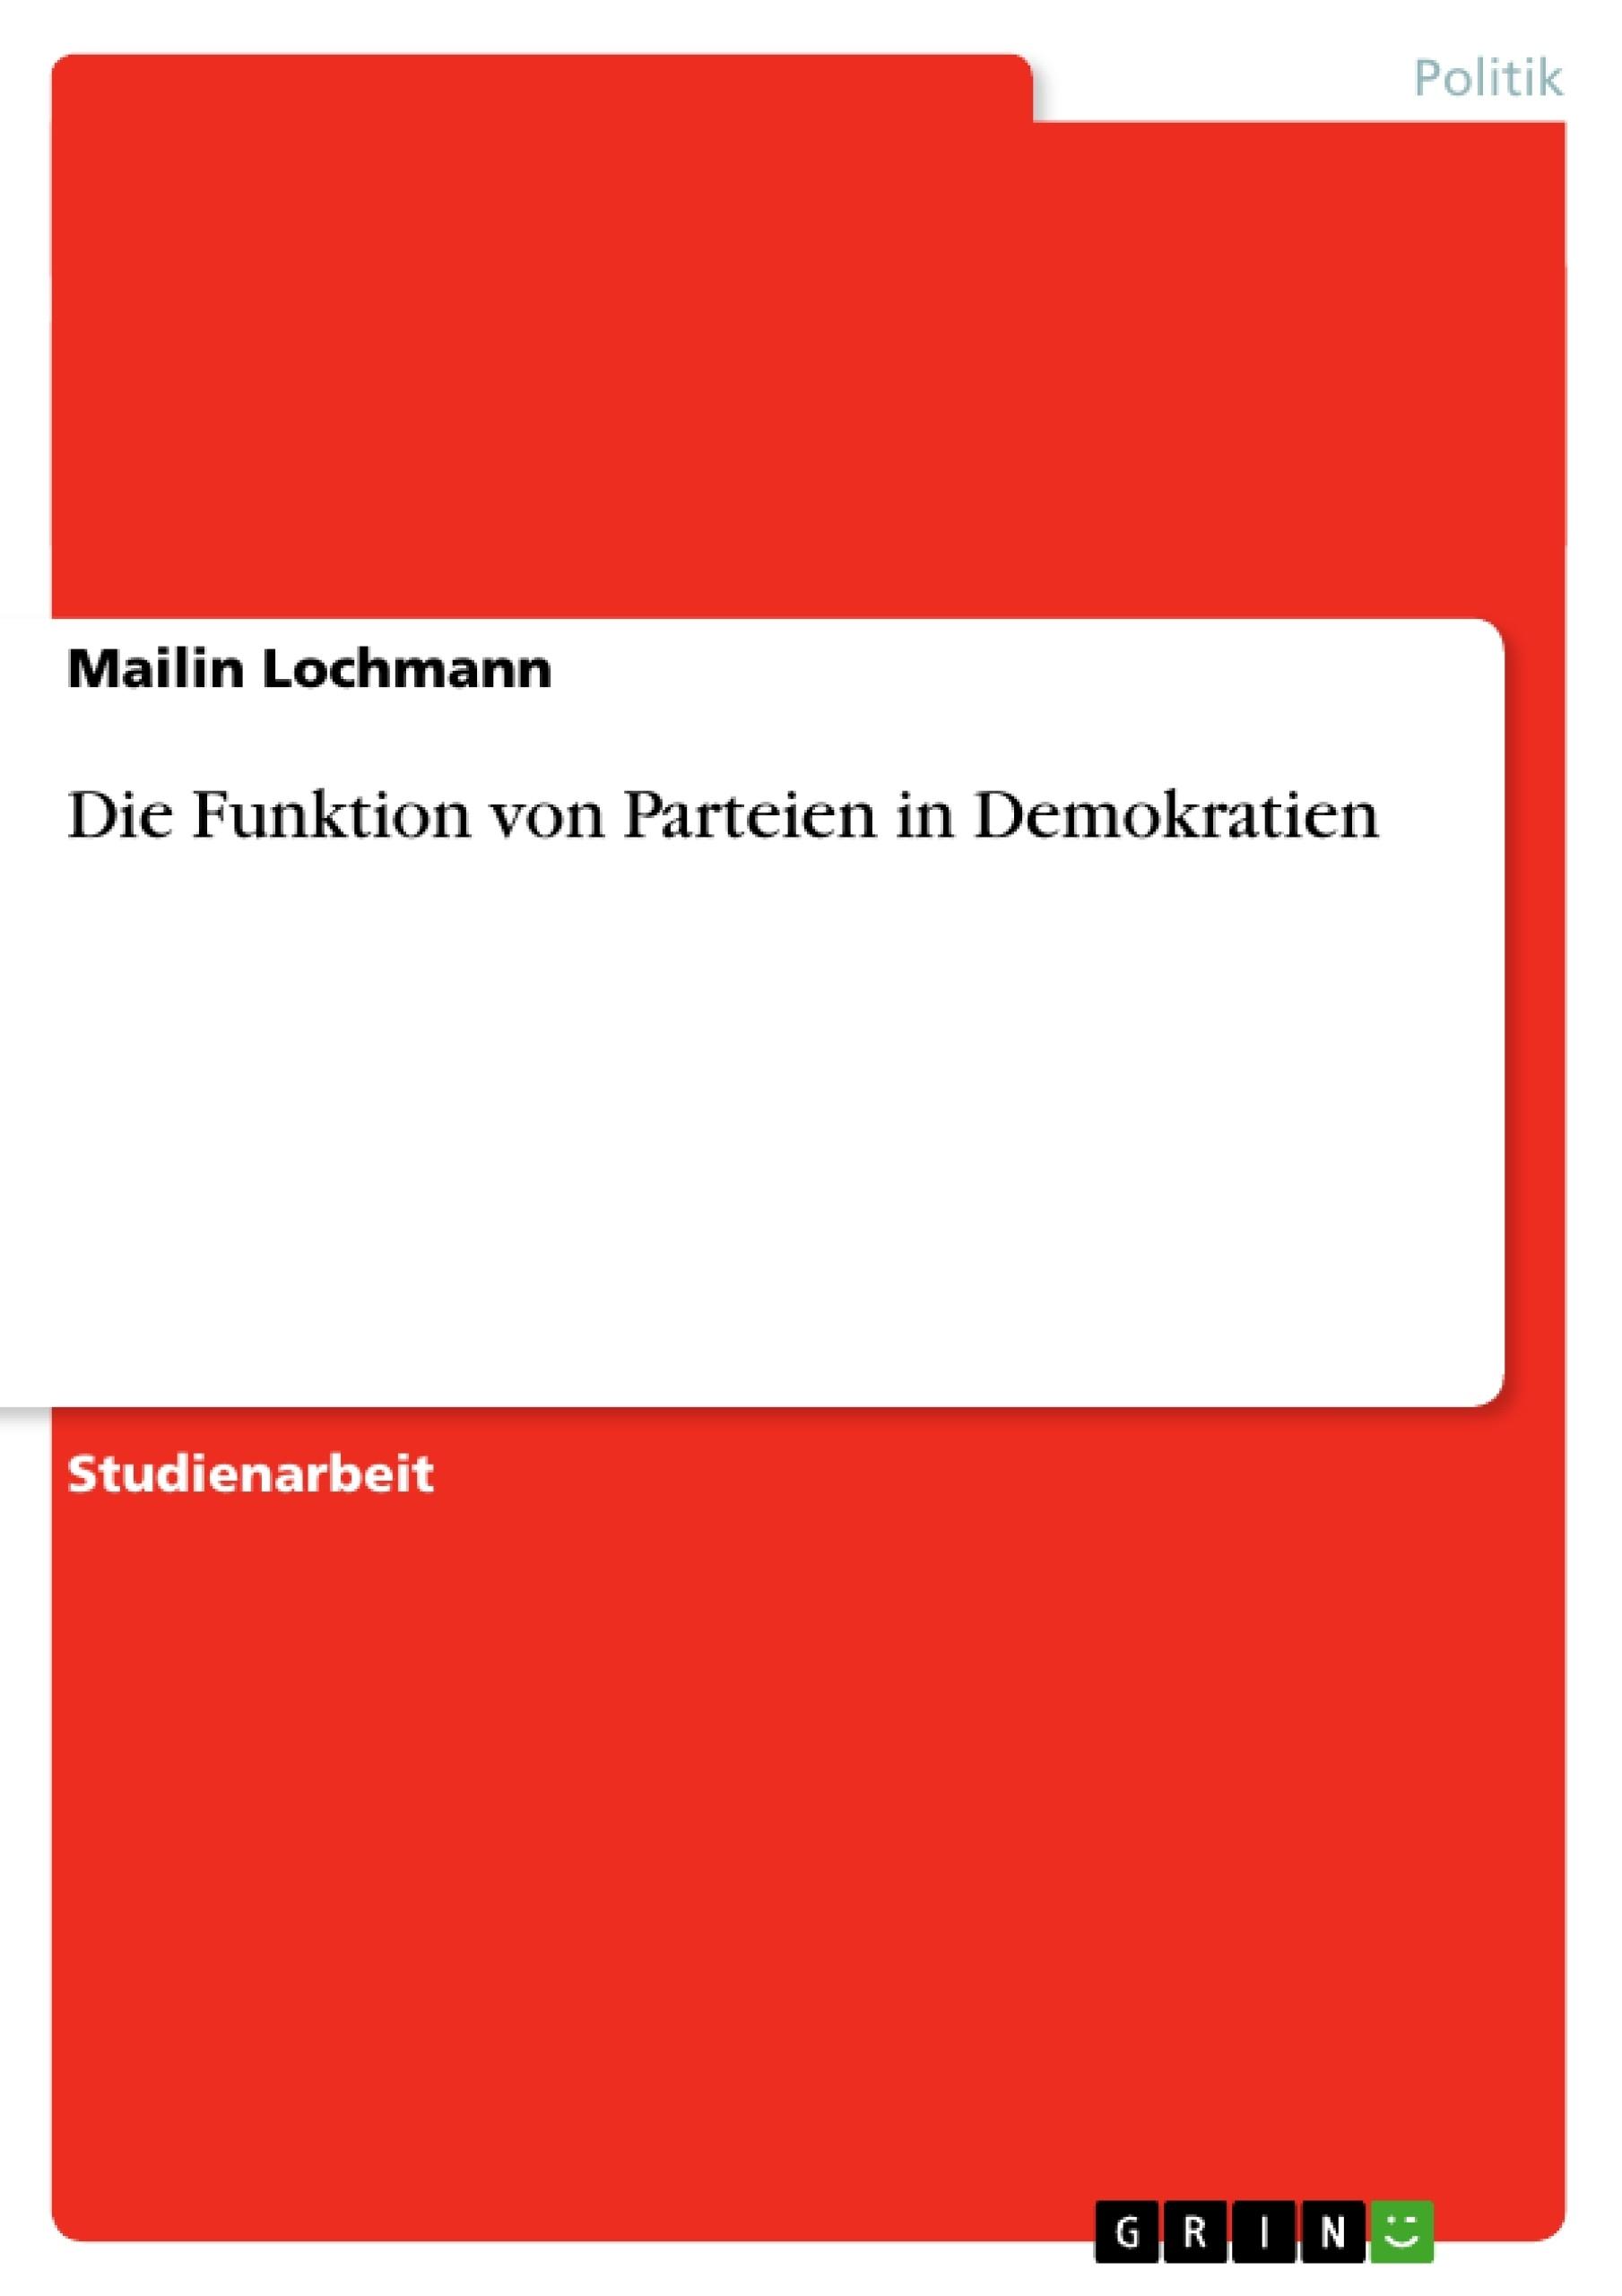 Titel: Die Funktion von Parteien in Demokratien